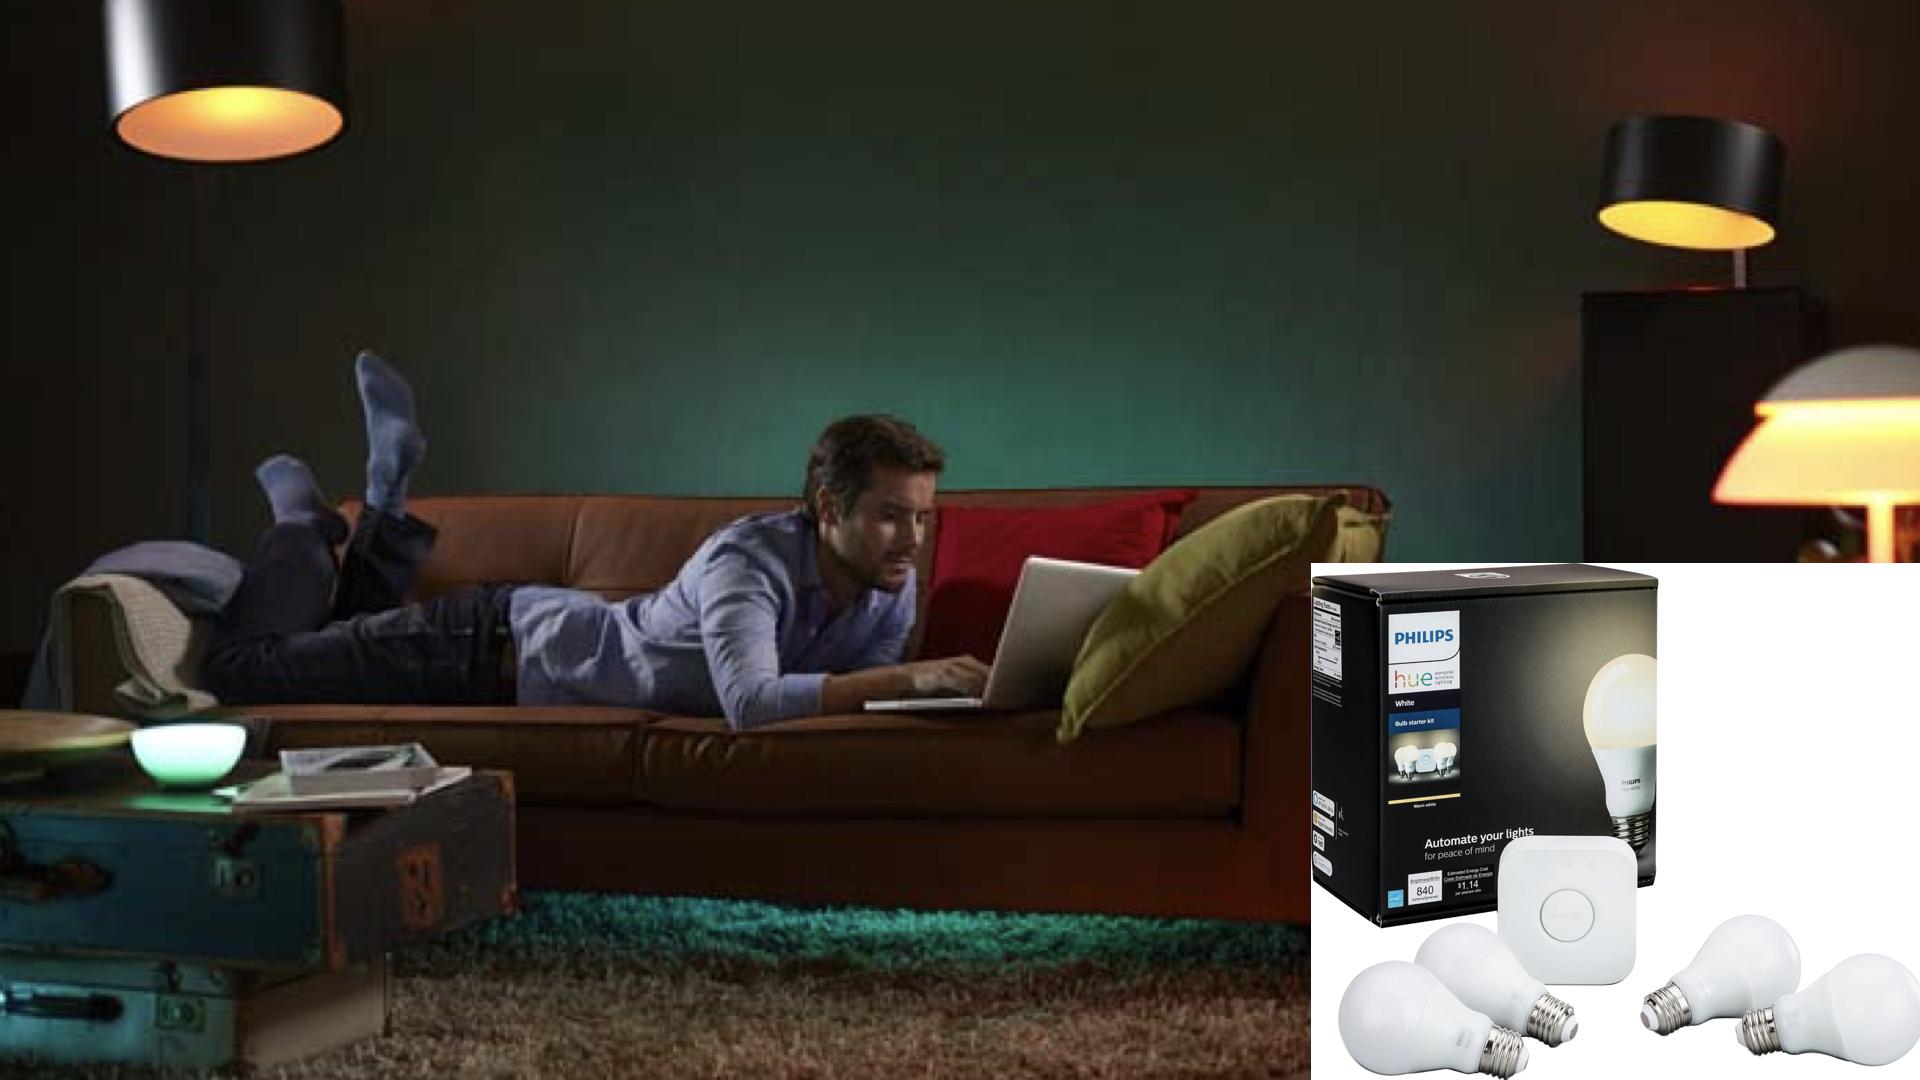 間接照明をスマホで一括操作!Philips Hueランプ設定方法